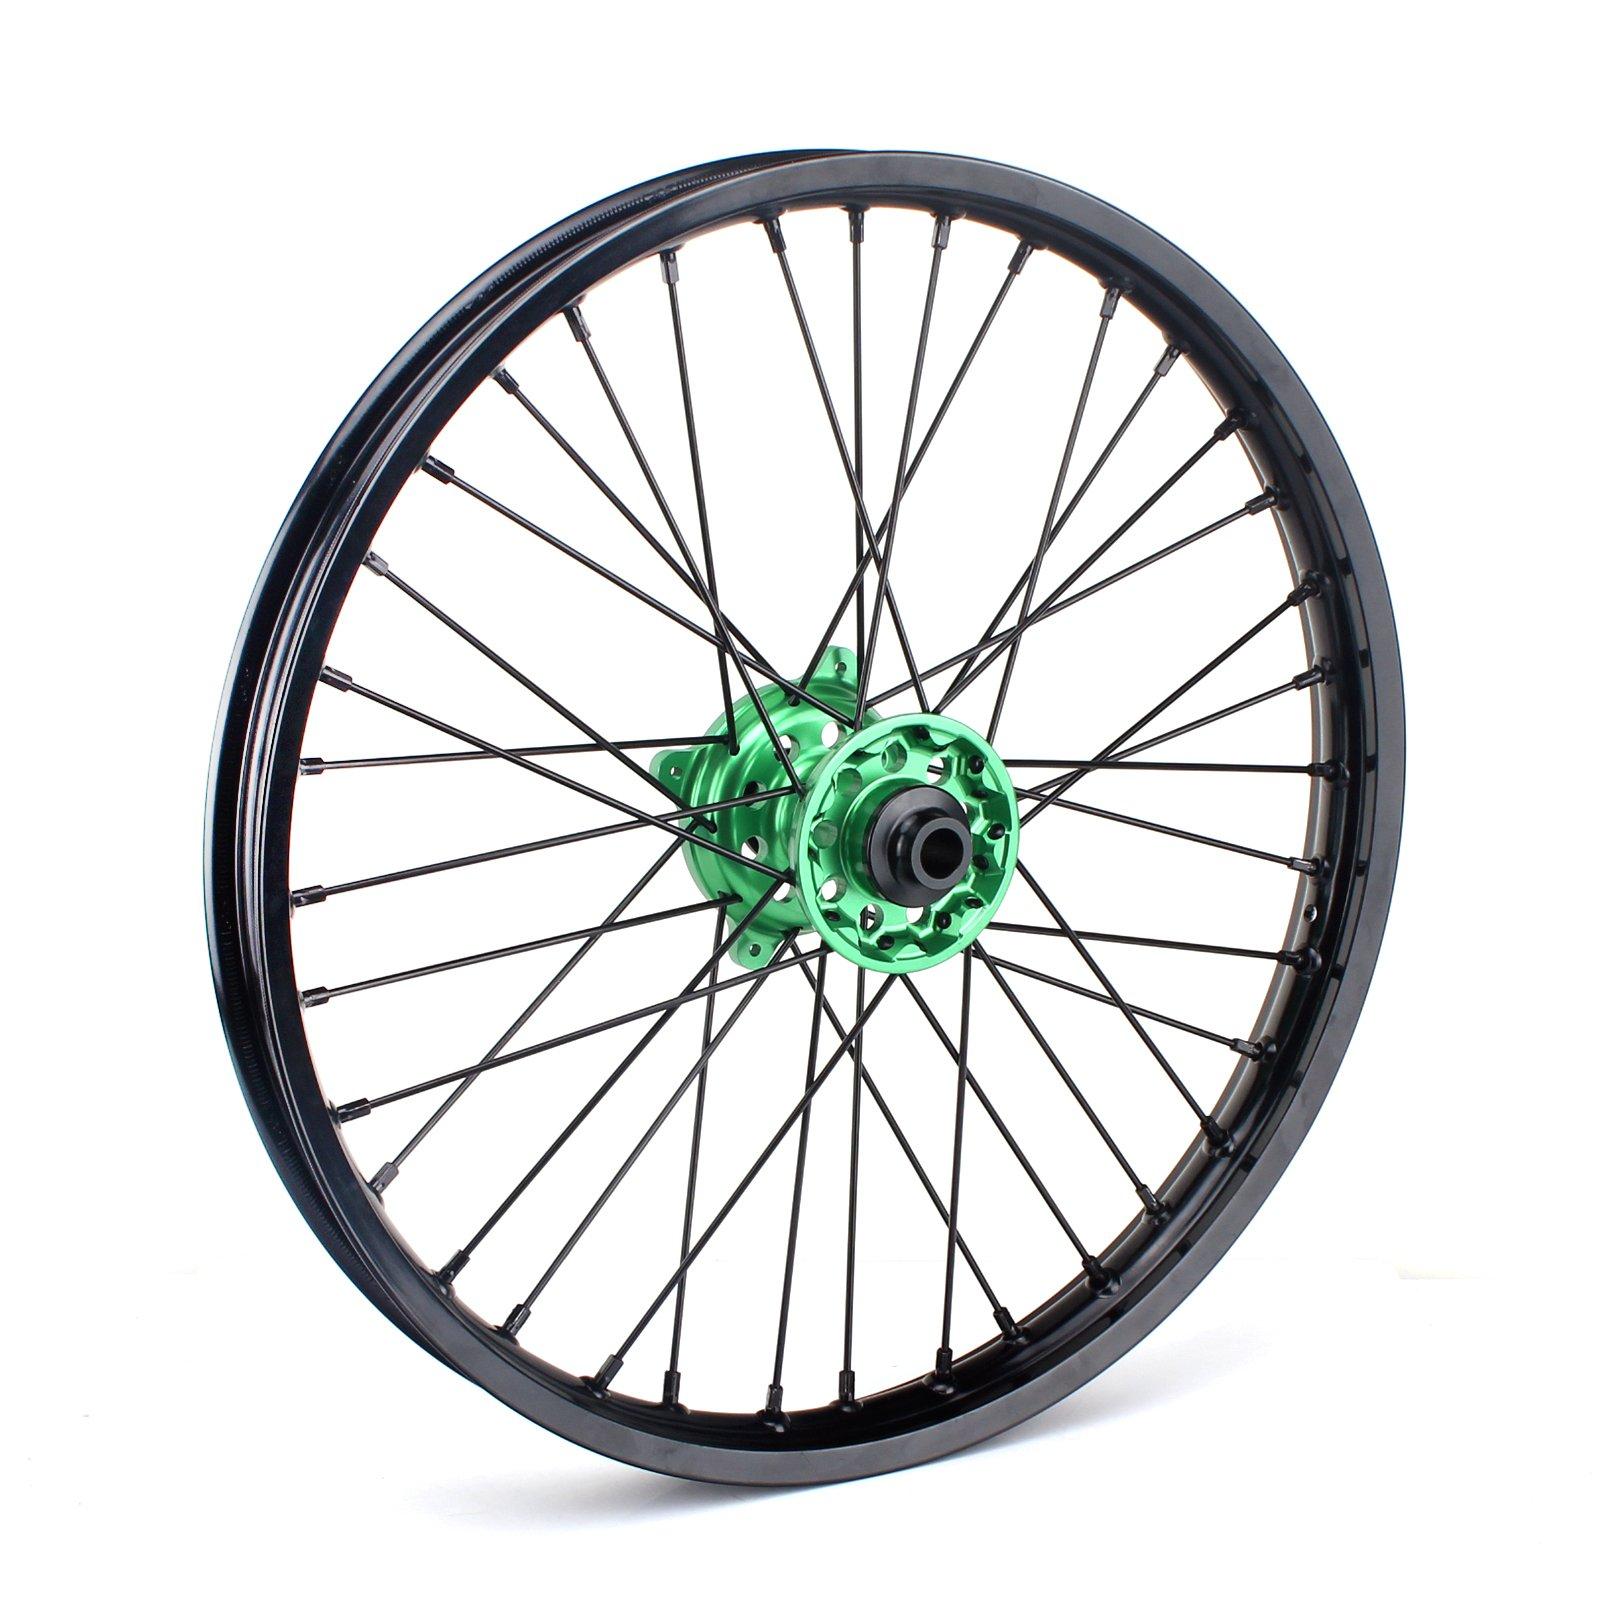 TARAZON 21 x 1.60 MX Front Wheel Kit 36 Spokes Rim Green Hub for Kawasaki KX125 KX250 2006-2013 KX250F KX450F 2006-2017